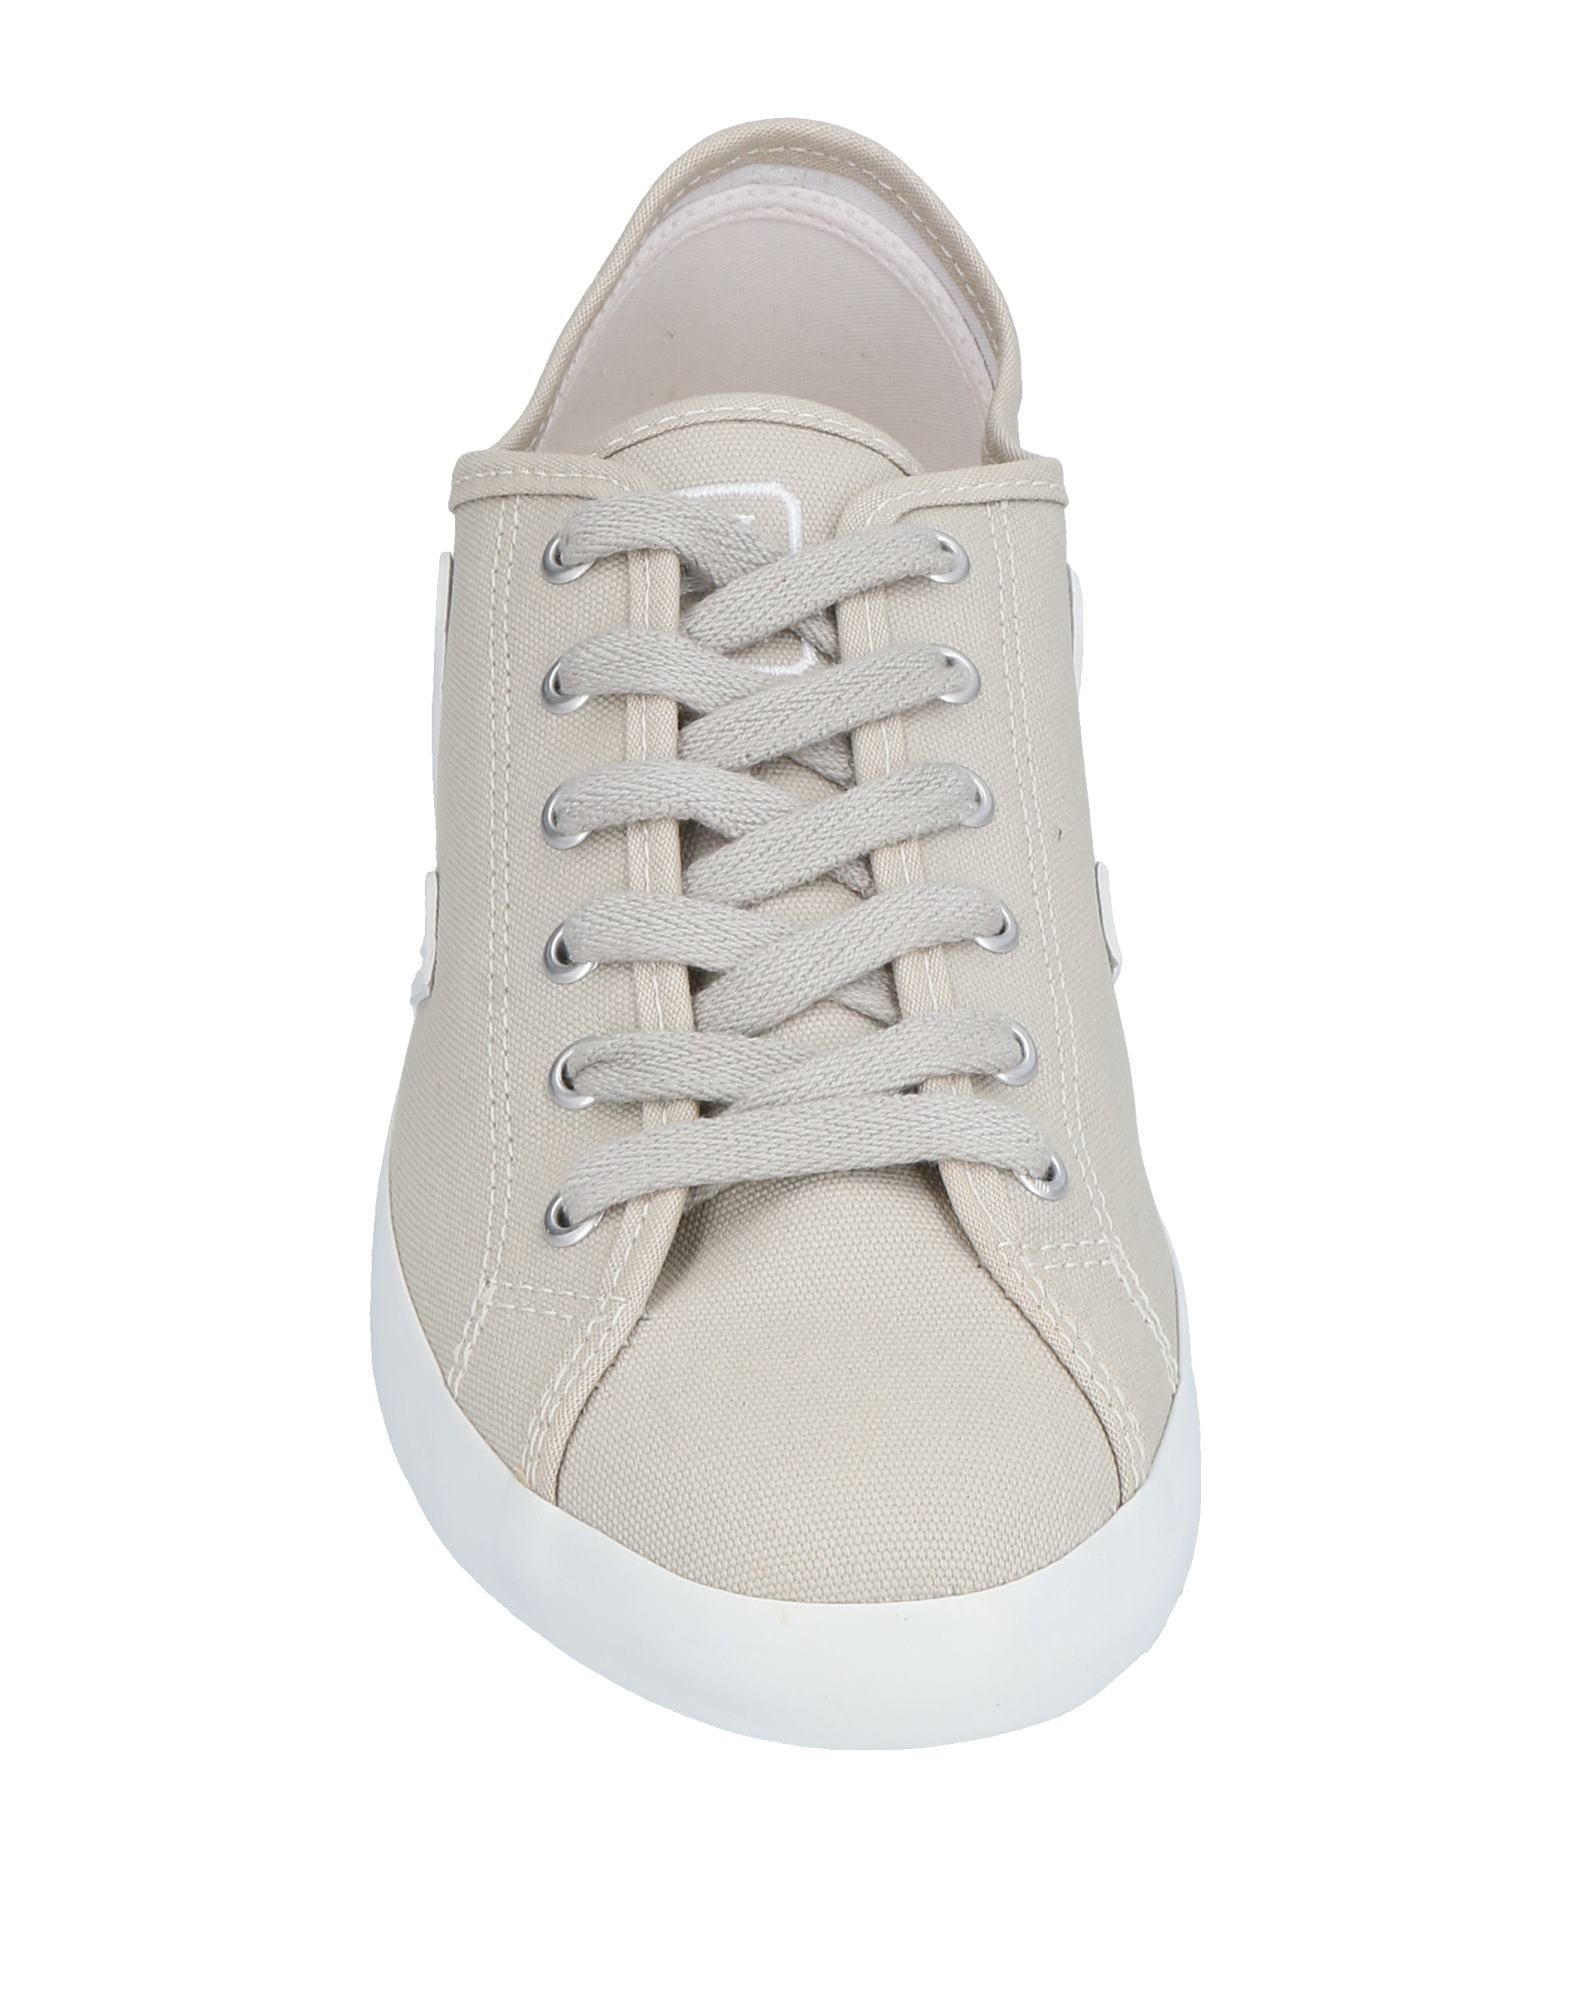 Veja Sneakers Herren Herren Sneakers  11500304KO 25fa68